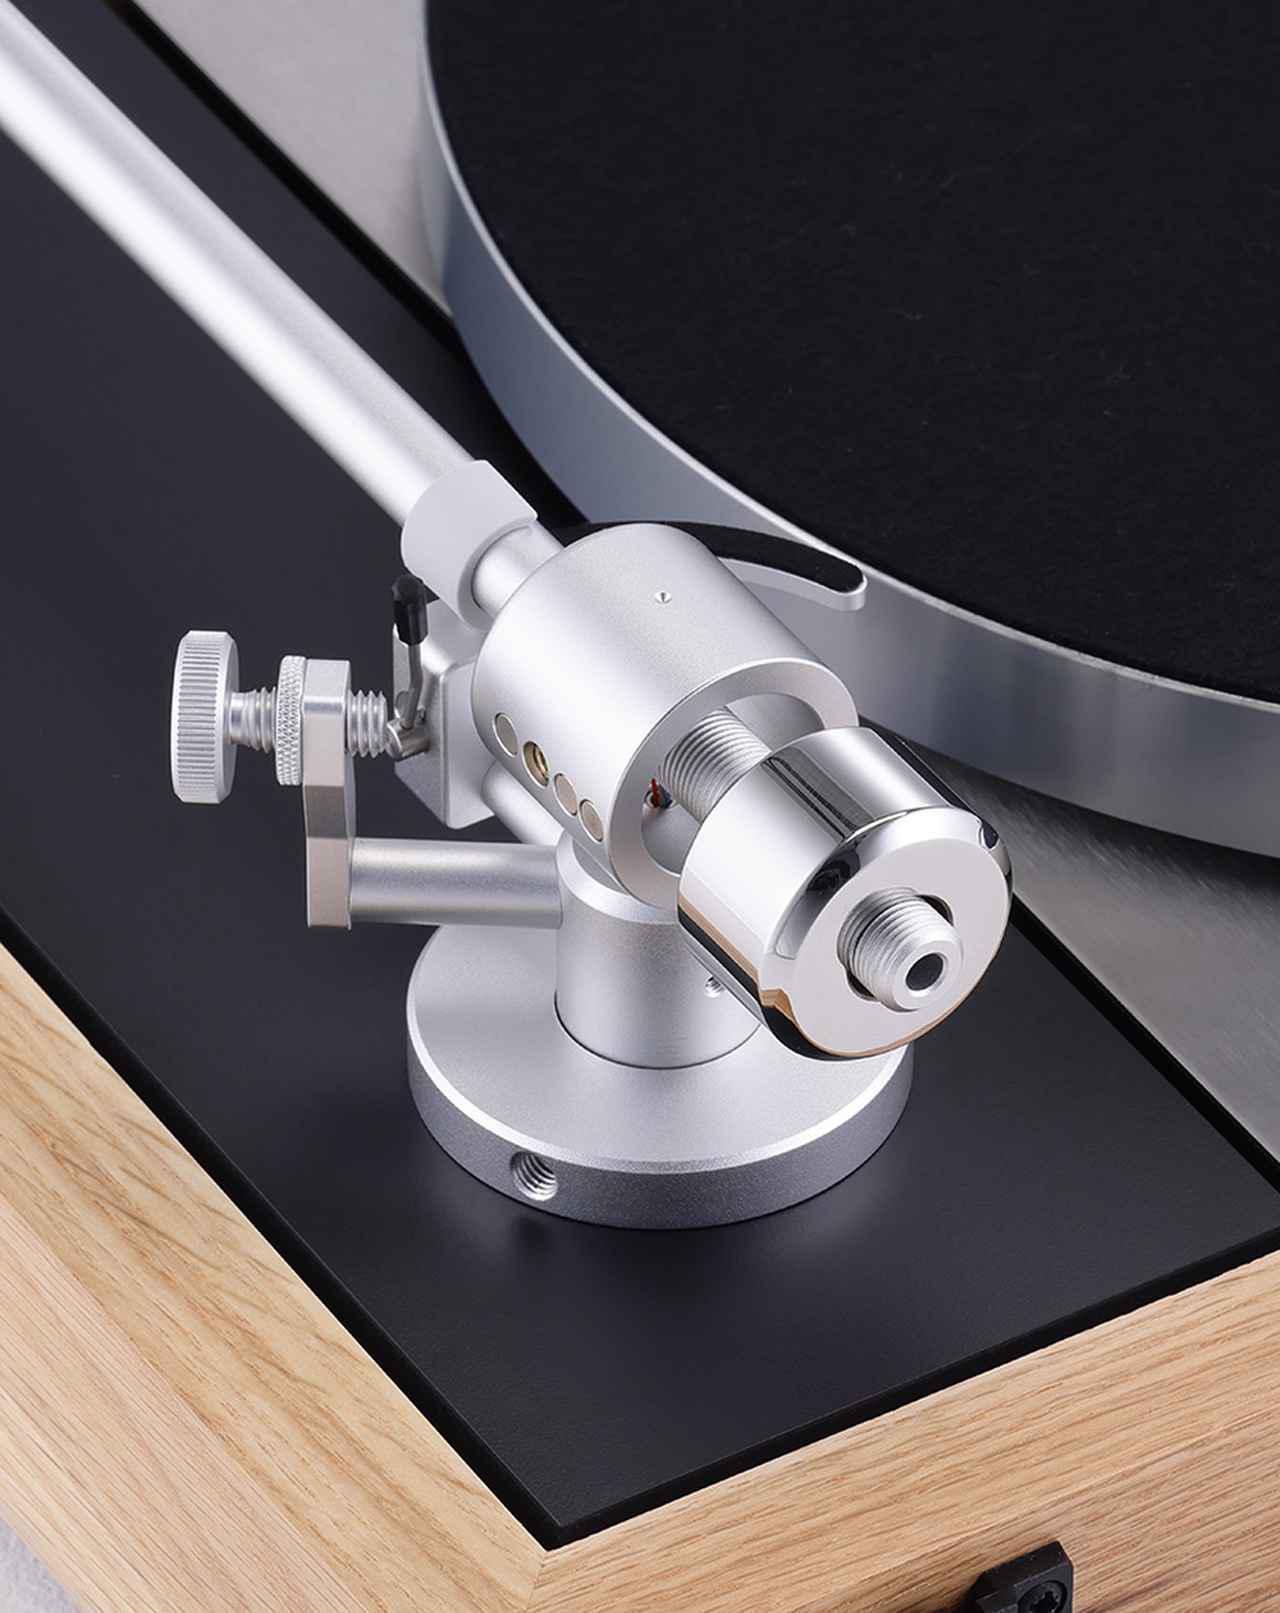 画像: ↑アームパイプはアルミ製。インサイドフォースキャンセラーはネオジムマグネットの反発力を利用した非接触式で、調整のための目盛りは設けられていない。